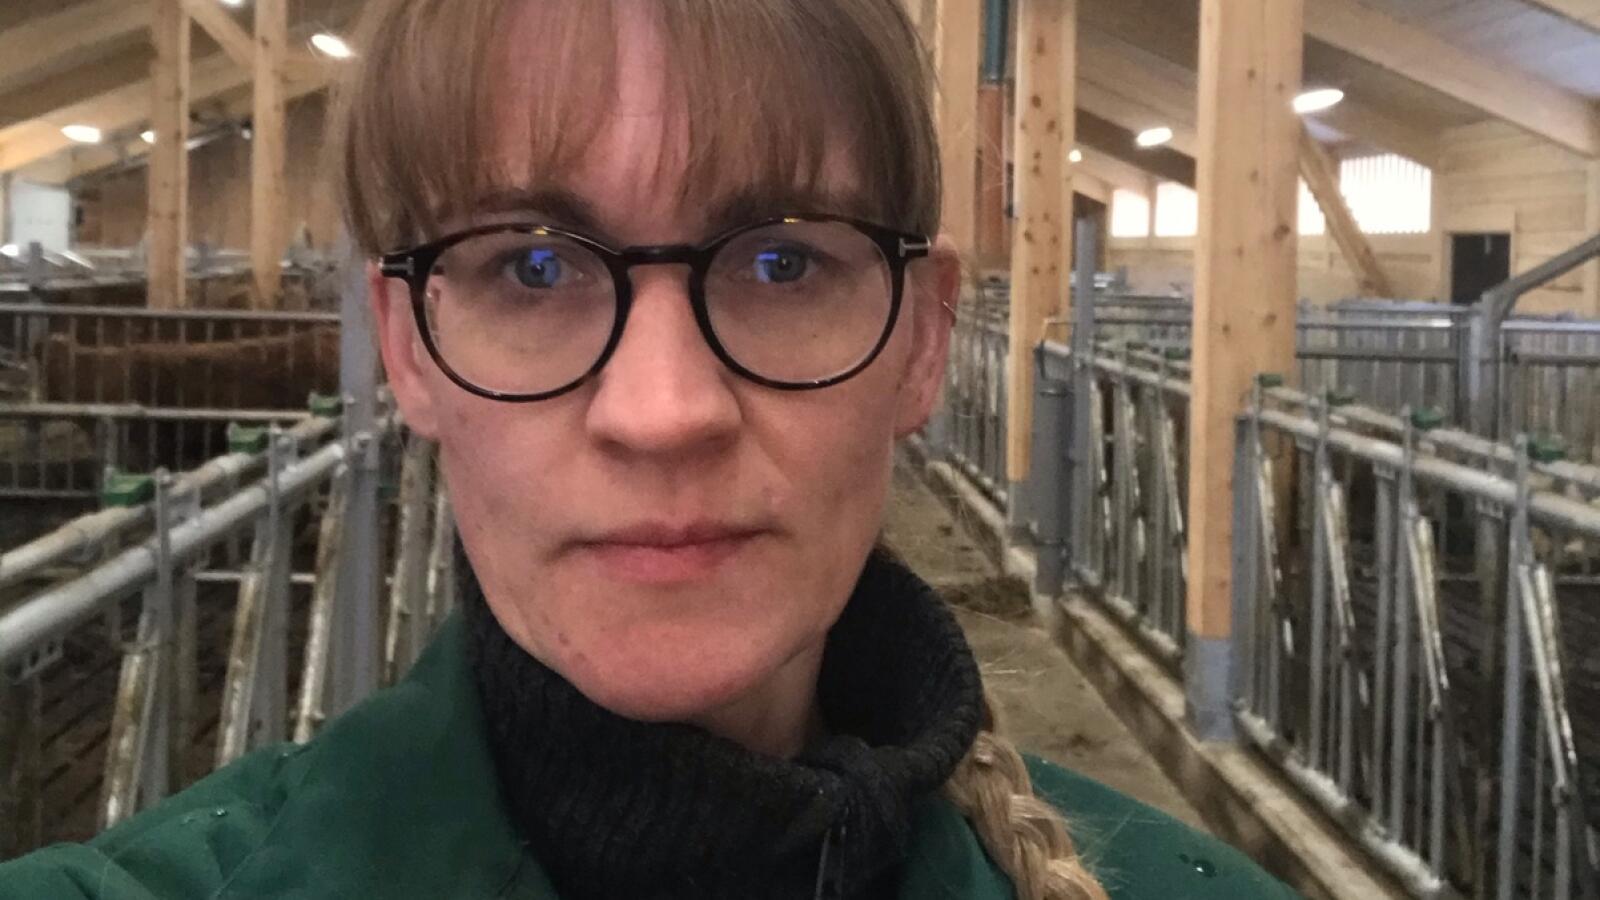 Tove Ørsund, fembarnsmor og melkebonde, mener en høyere inntekt må til for å rekruttere kvinner til landbruket. Foto: Privat